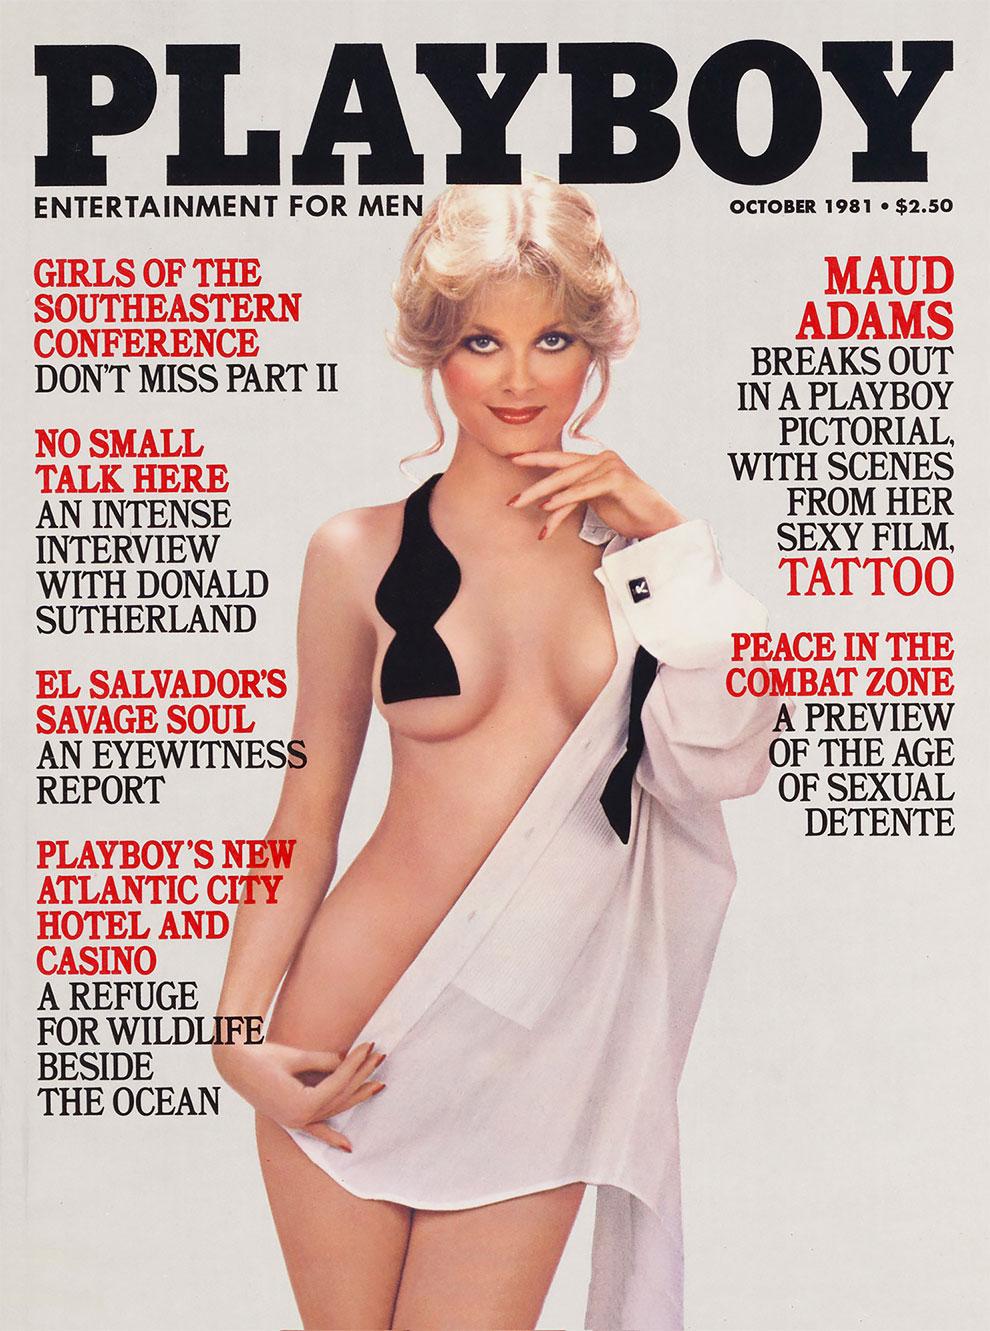 30 лет спустя: журнал Playboy воссоздал свои культовые обложки с теми же моделями 7